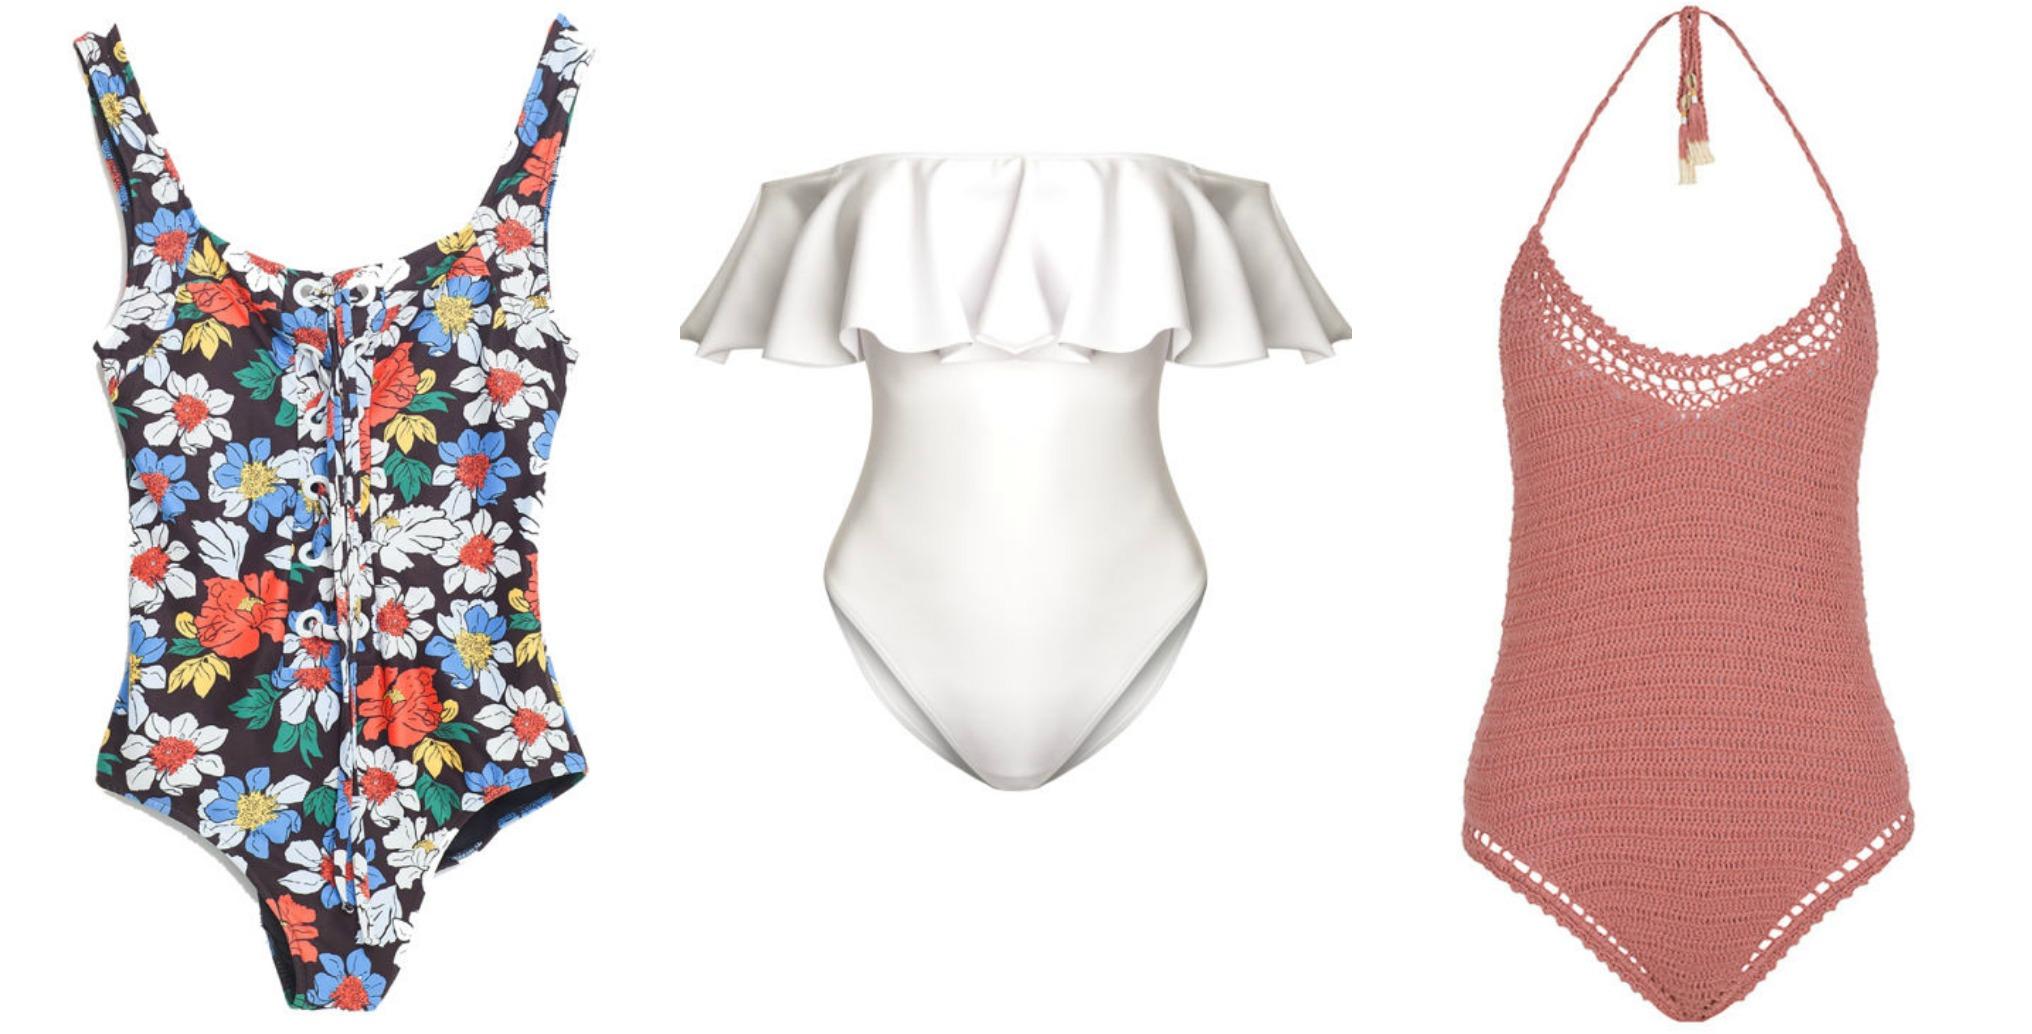 Moda mare 2016 25 costumi da bagno interi glam - Costumi da bagno interi ...